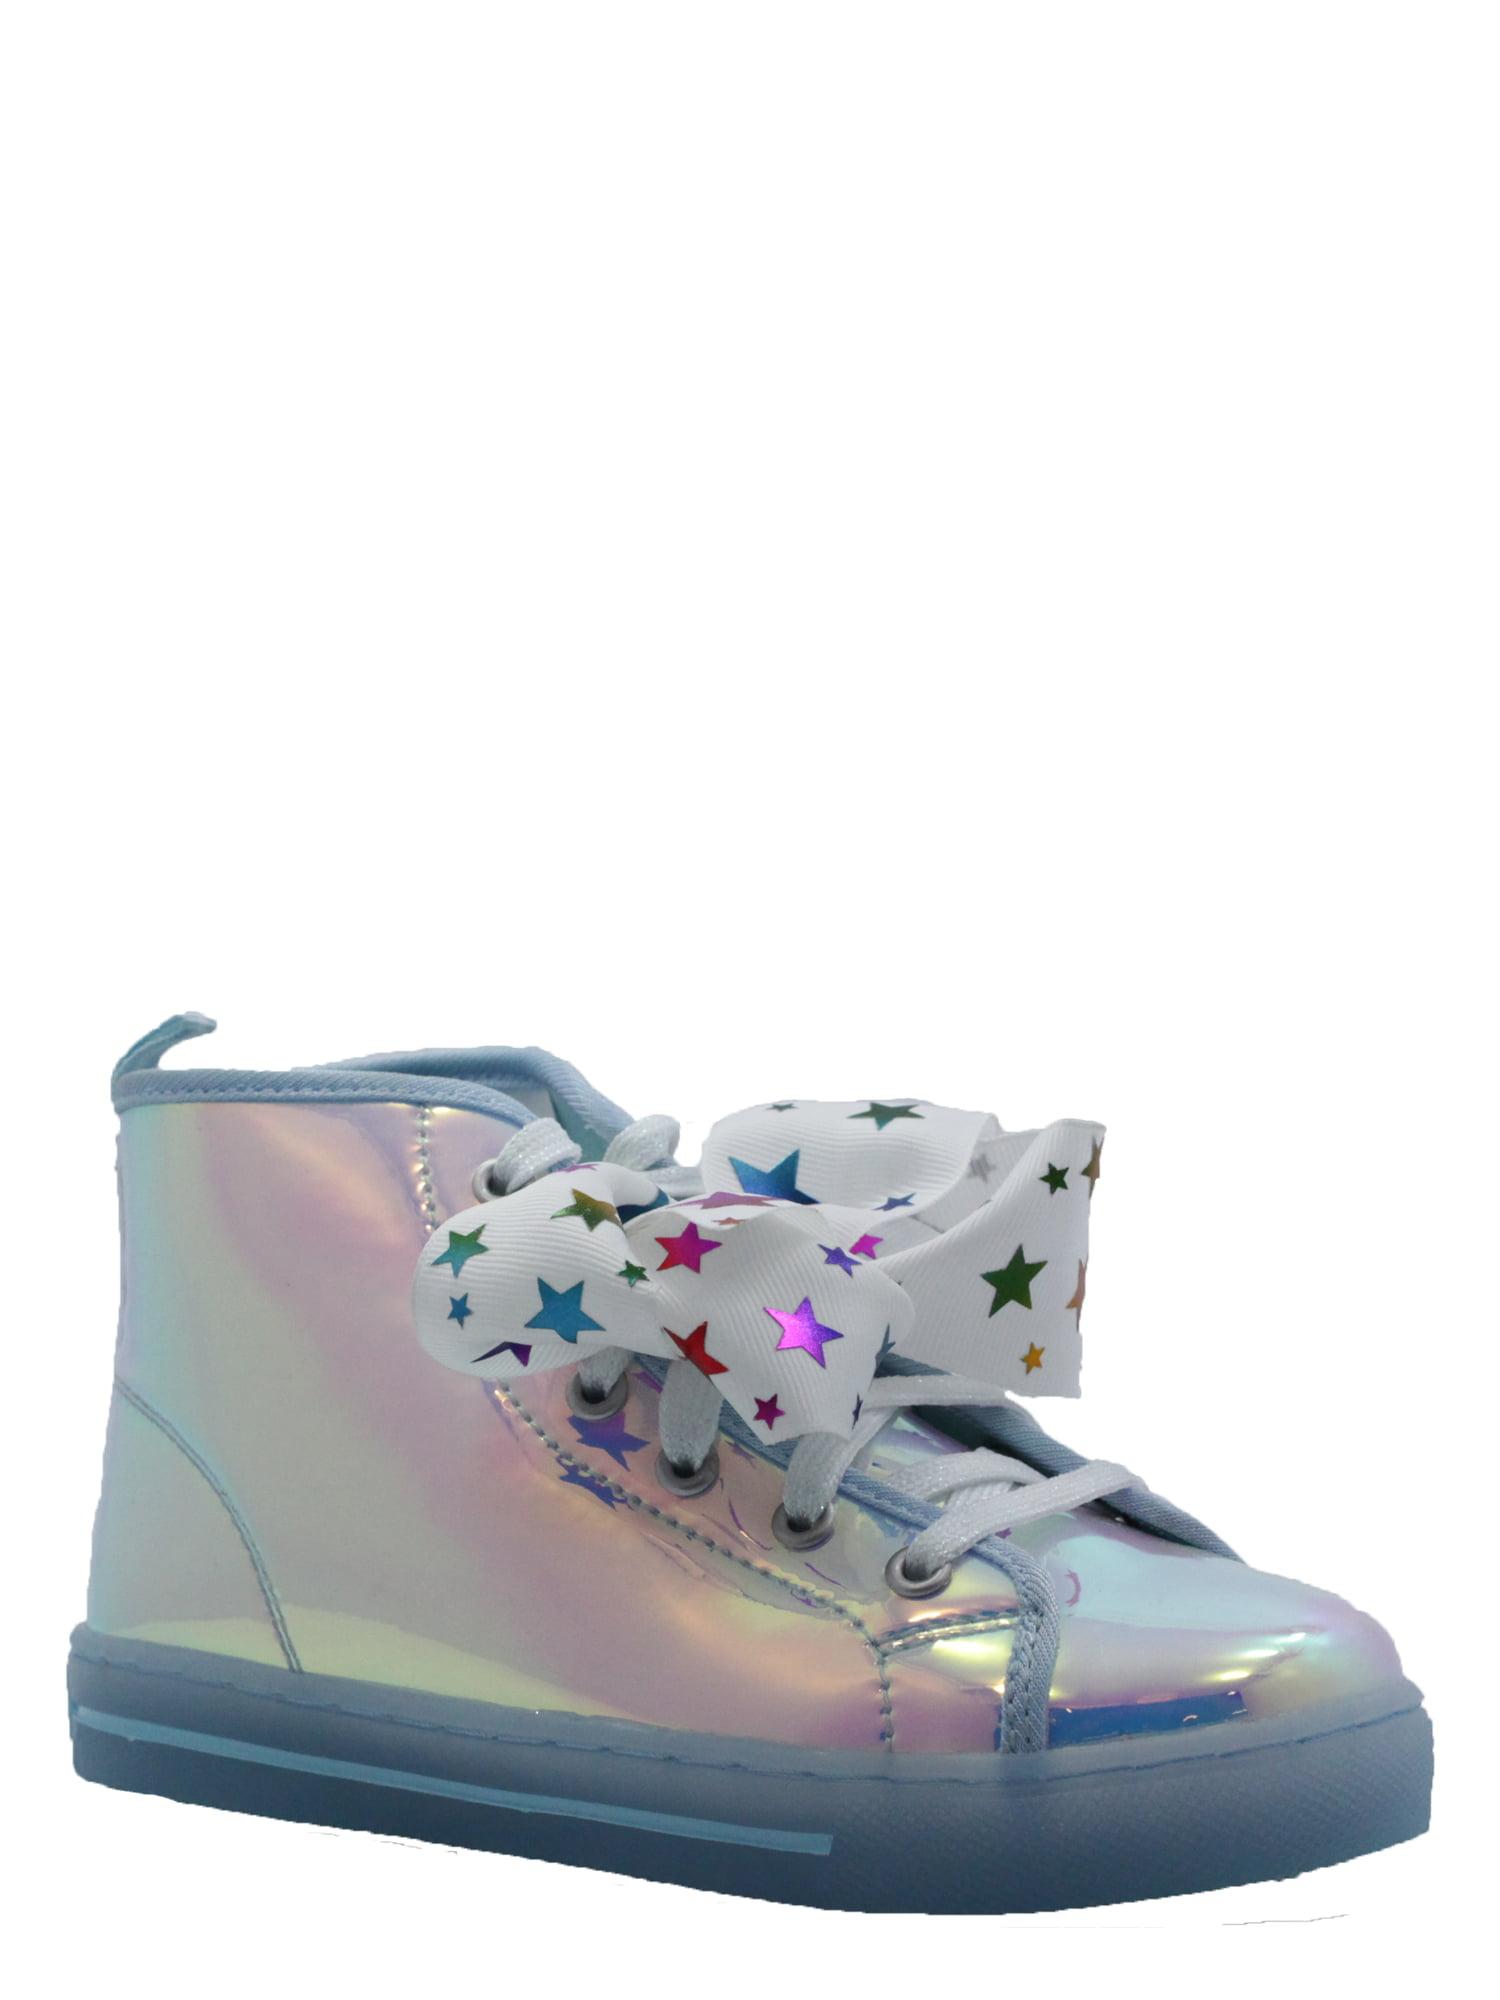 iridescent high top sneakers